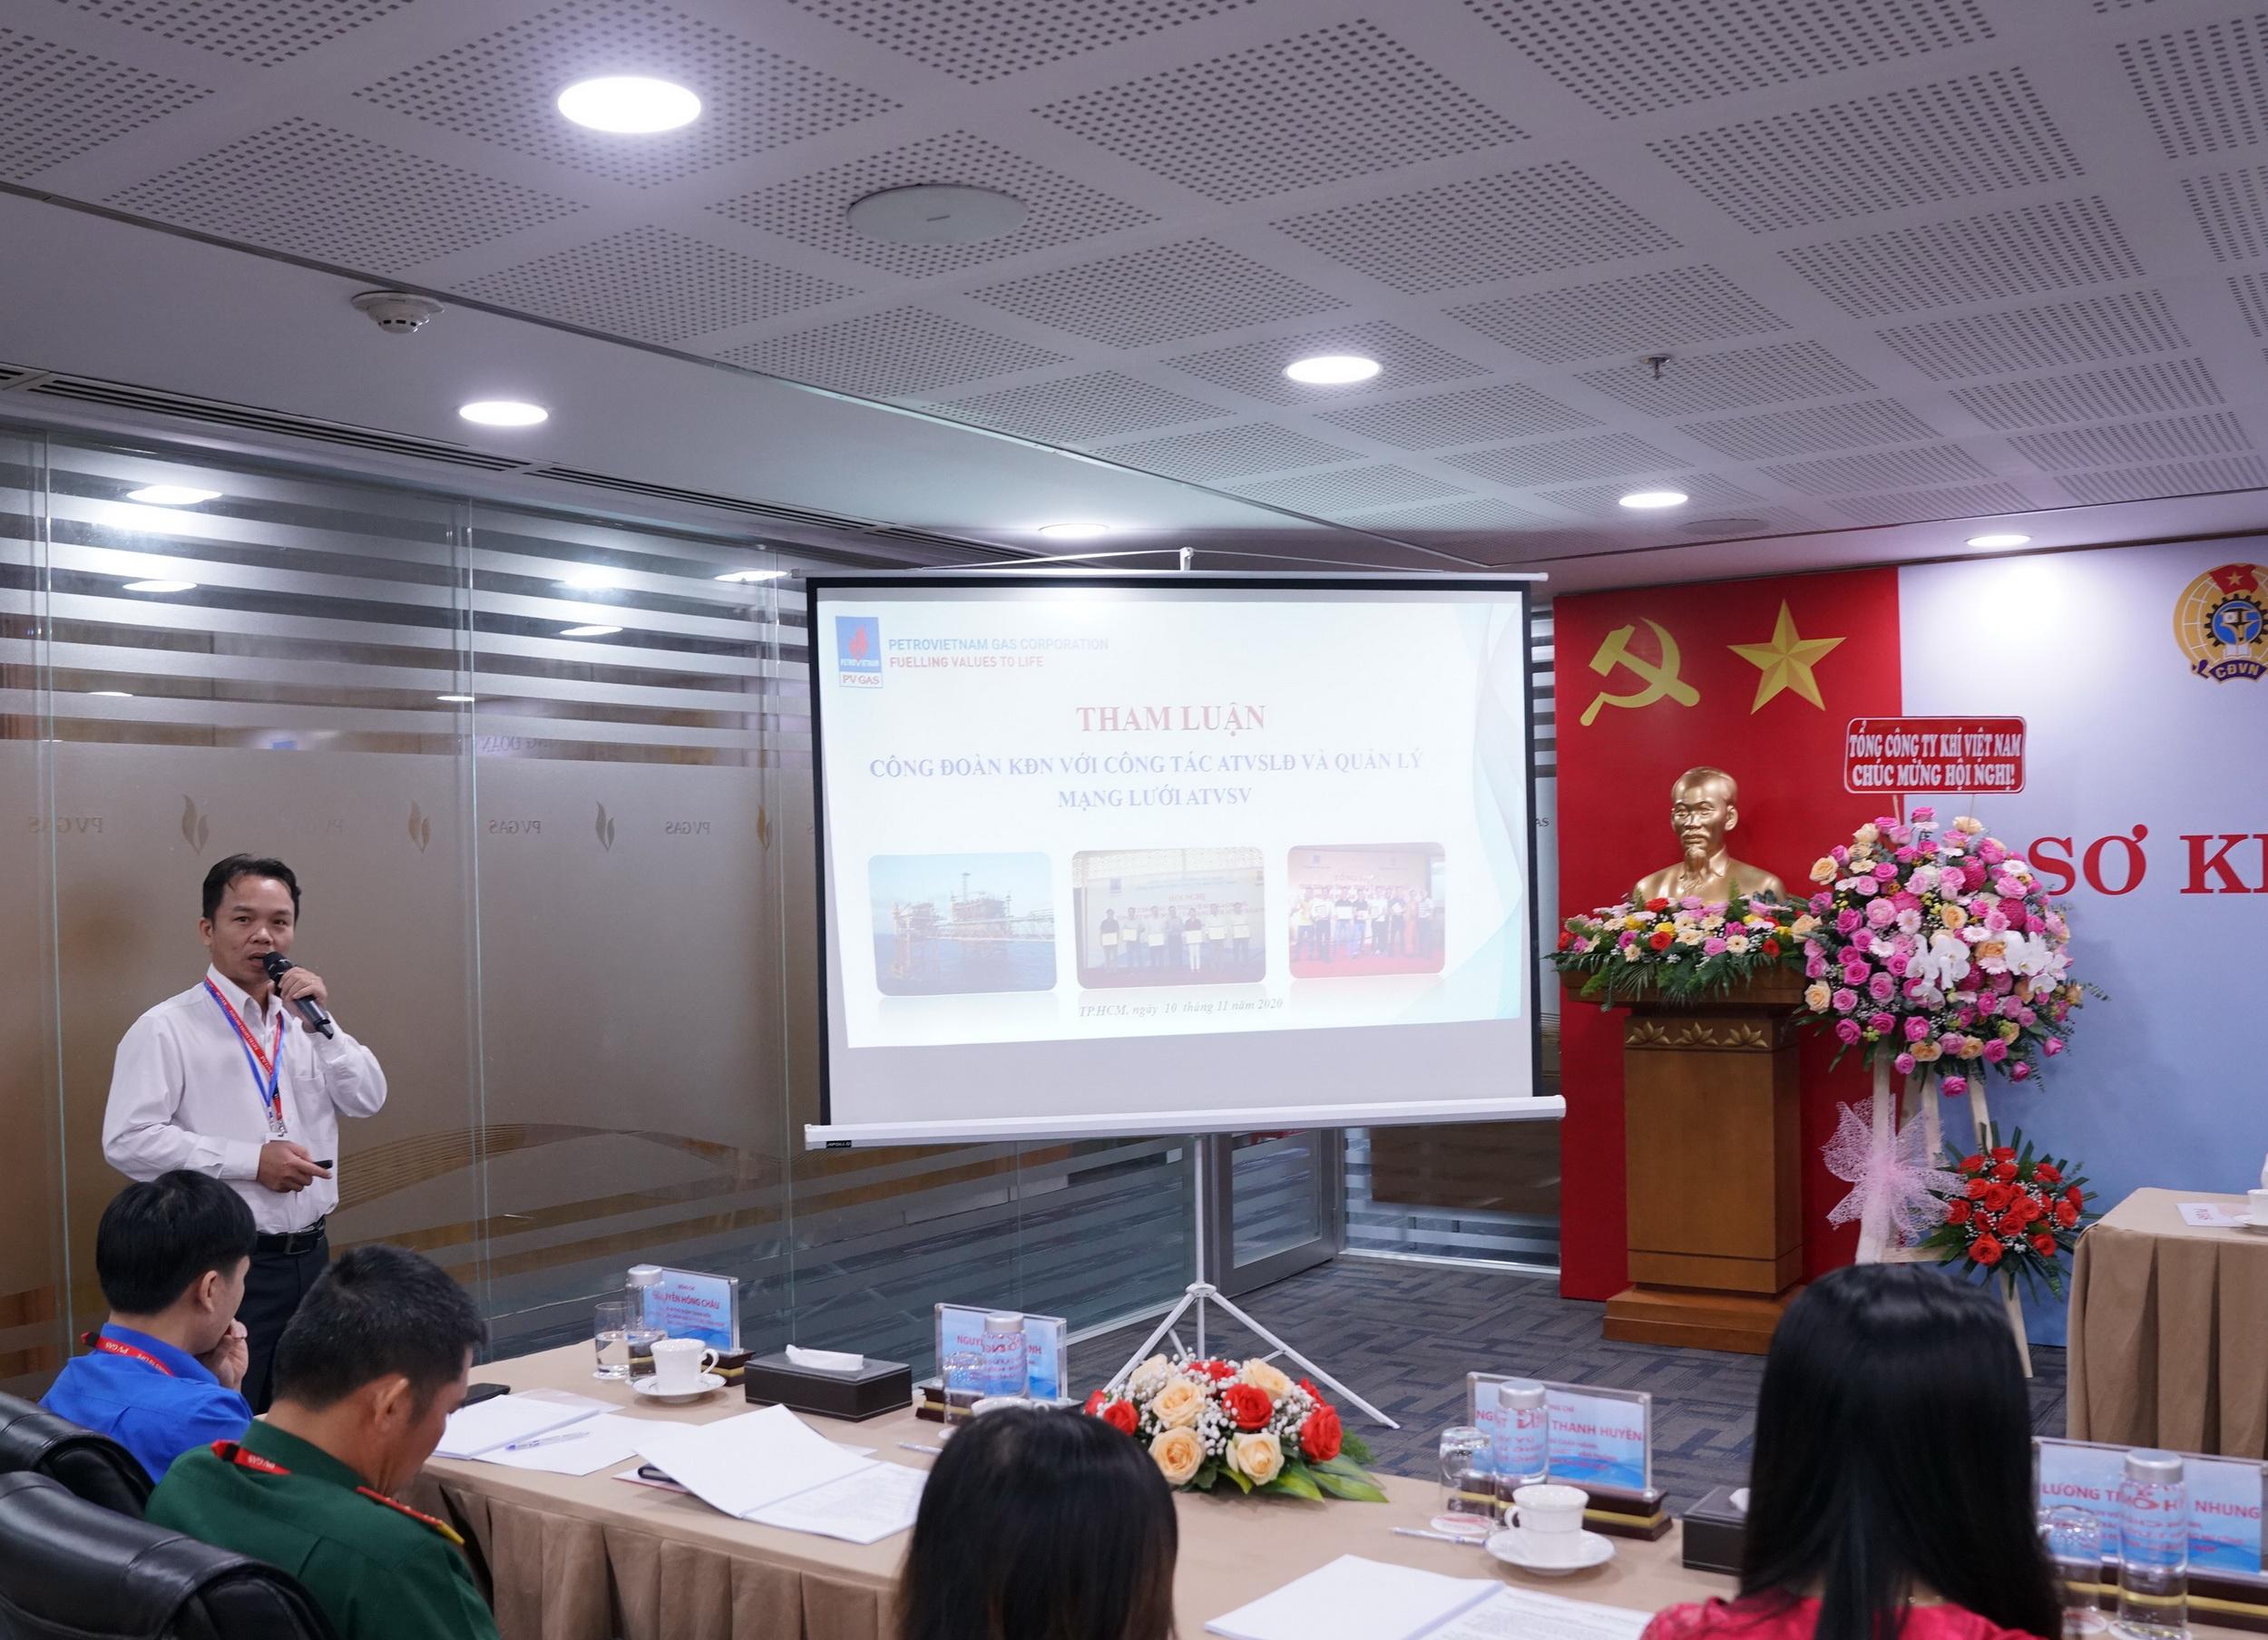 Đại diện Công đoàn KĐN tham luận về phong trào an toàn – vệ sinh – lao động